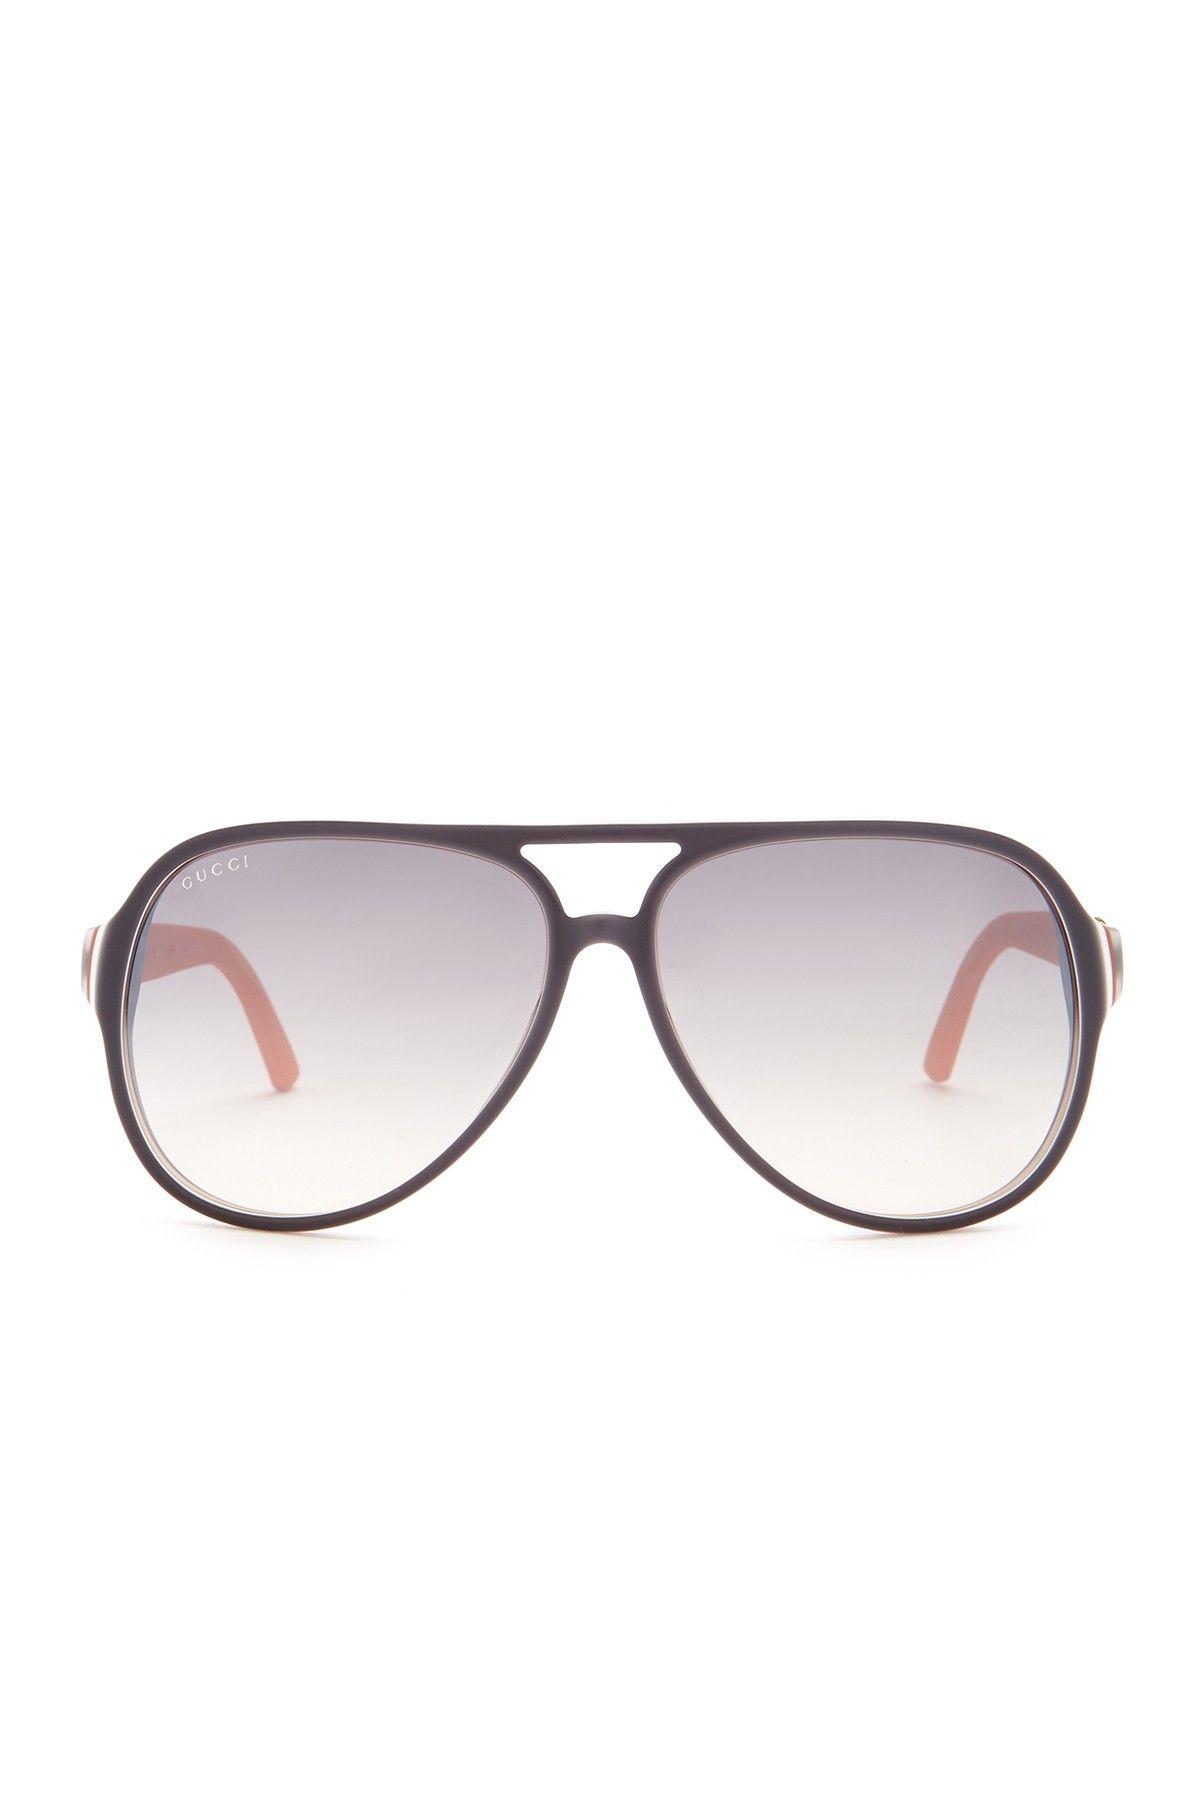 caaca588431 Women s Aviator Sunglasses Aviators Women